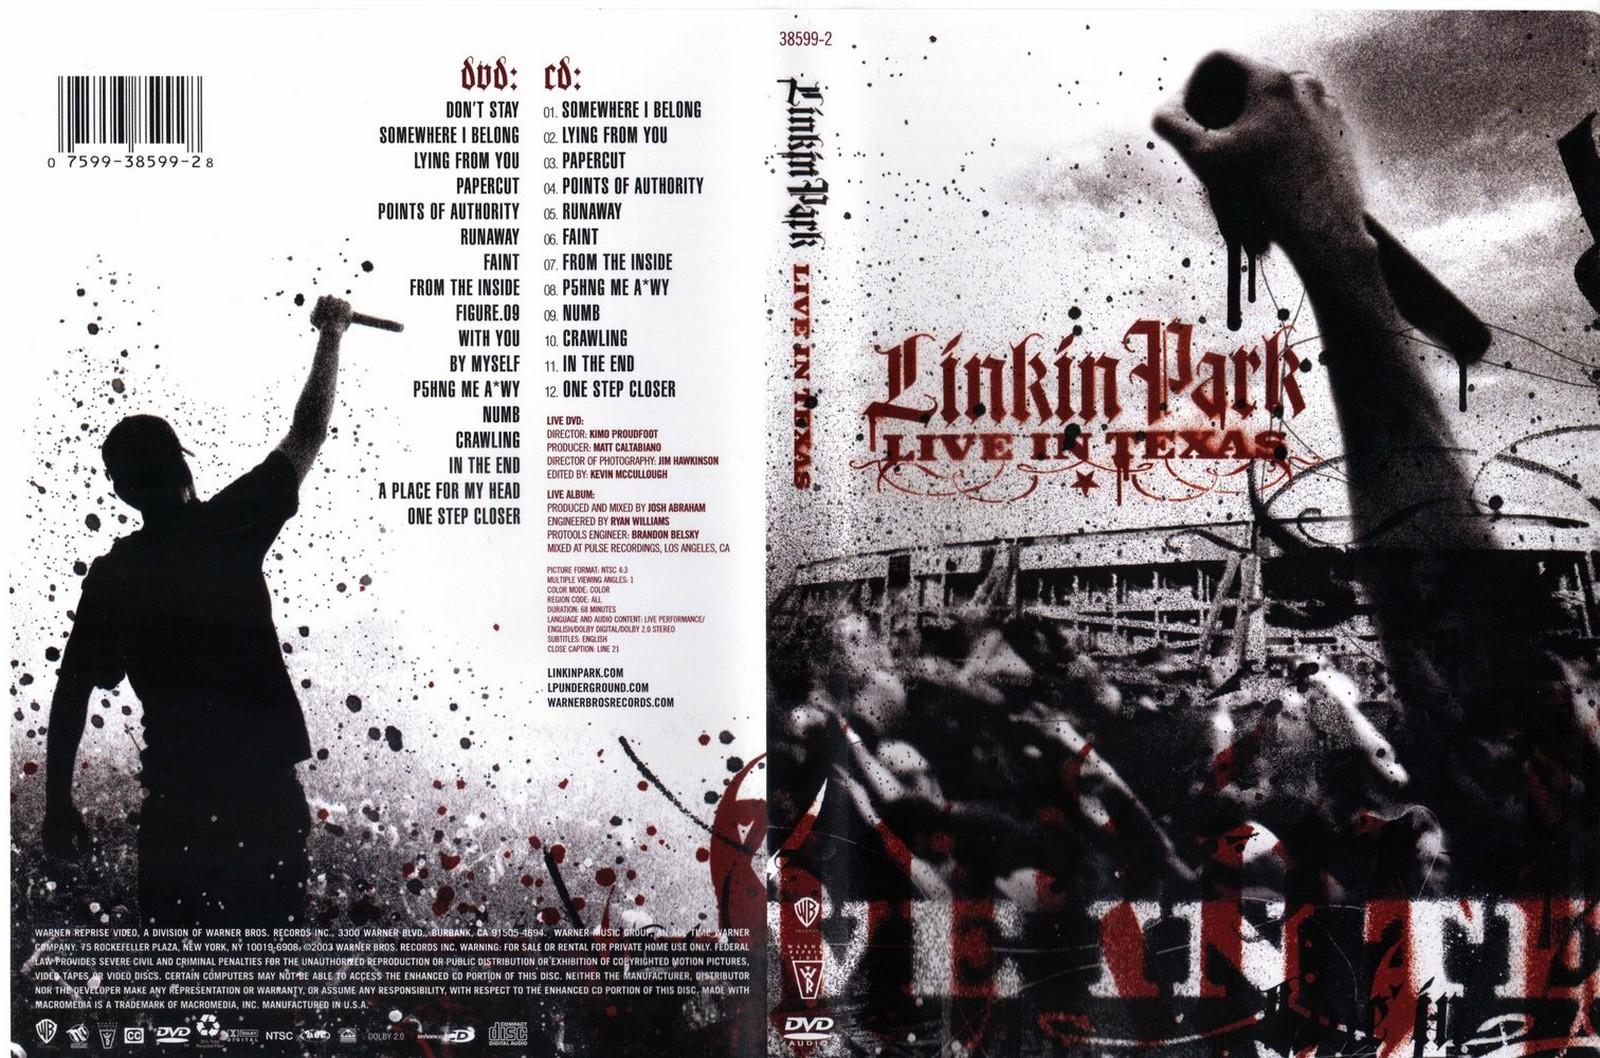 Linkin Park: Live In Texas. Presentación de DVD.